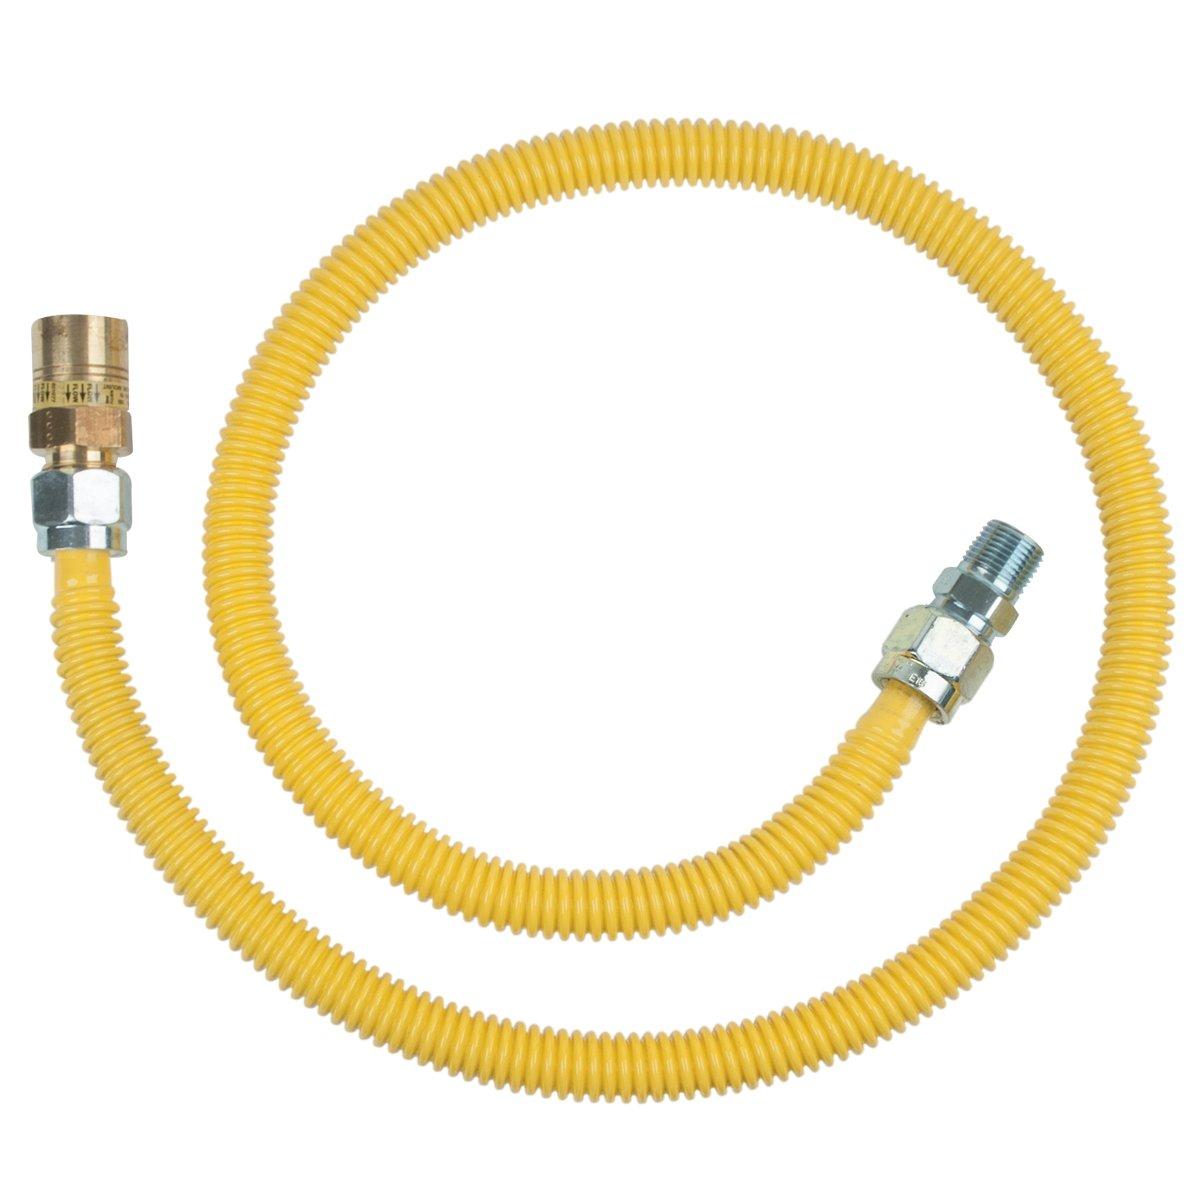 Brasscraft Cssc94R48 x Safety Plus Gas 5/8'' Od Connector With 5/8'' Female Flare Efv x 1/2'' Mip x 48'' by BrassCraft